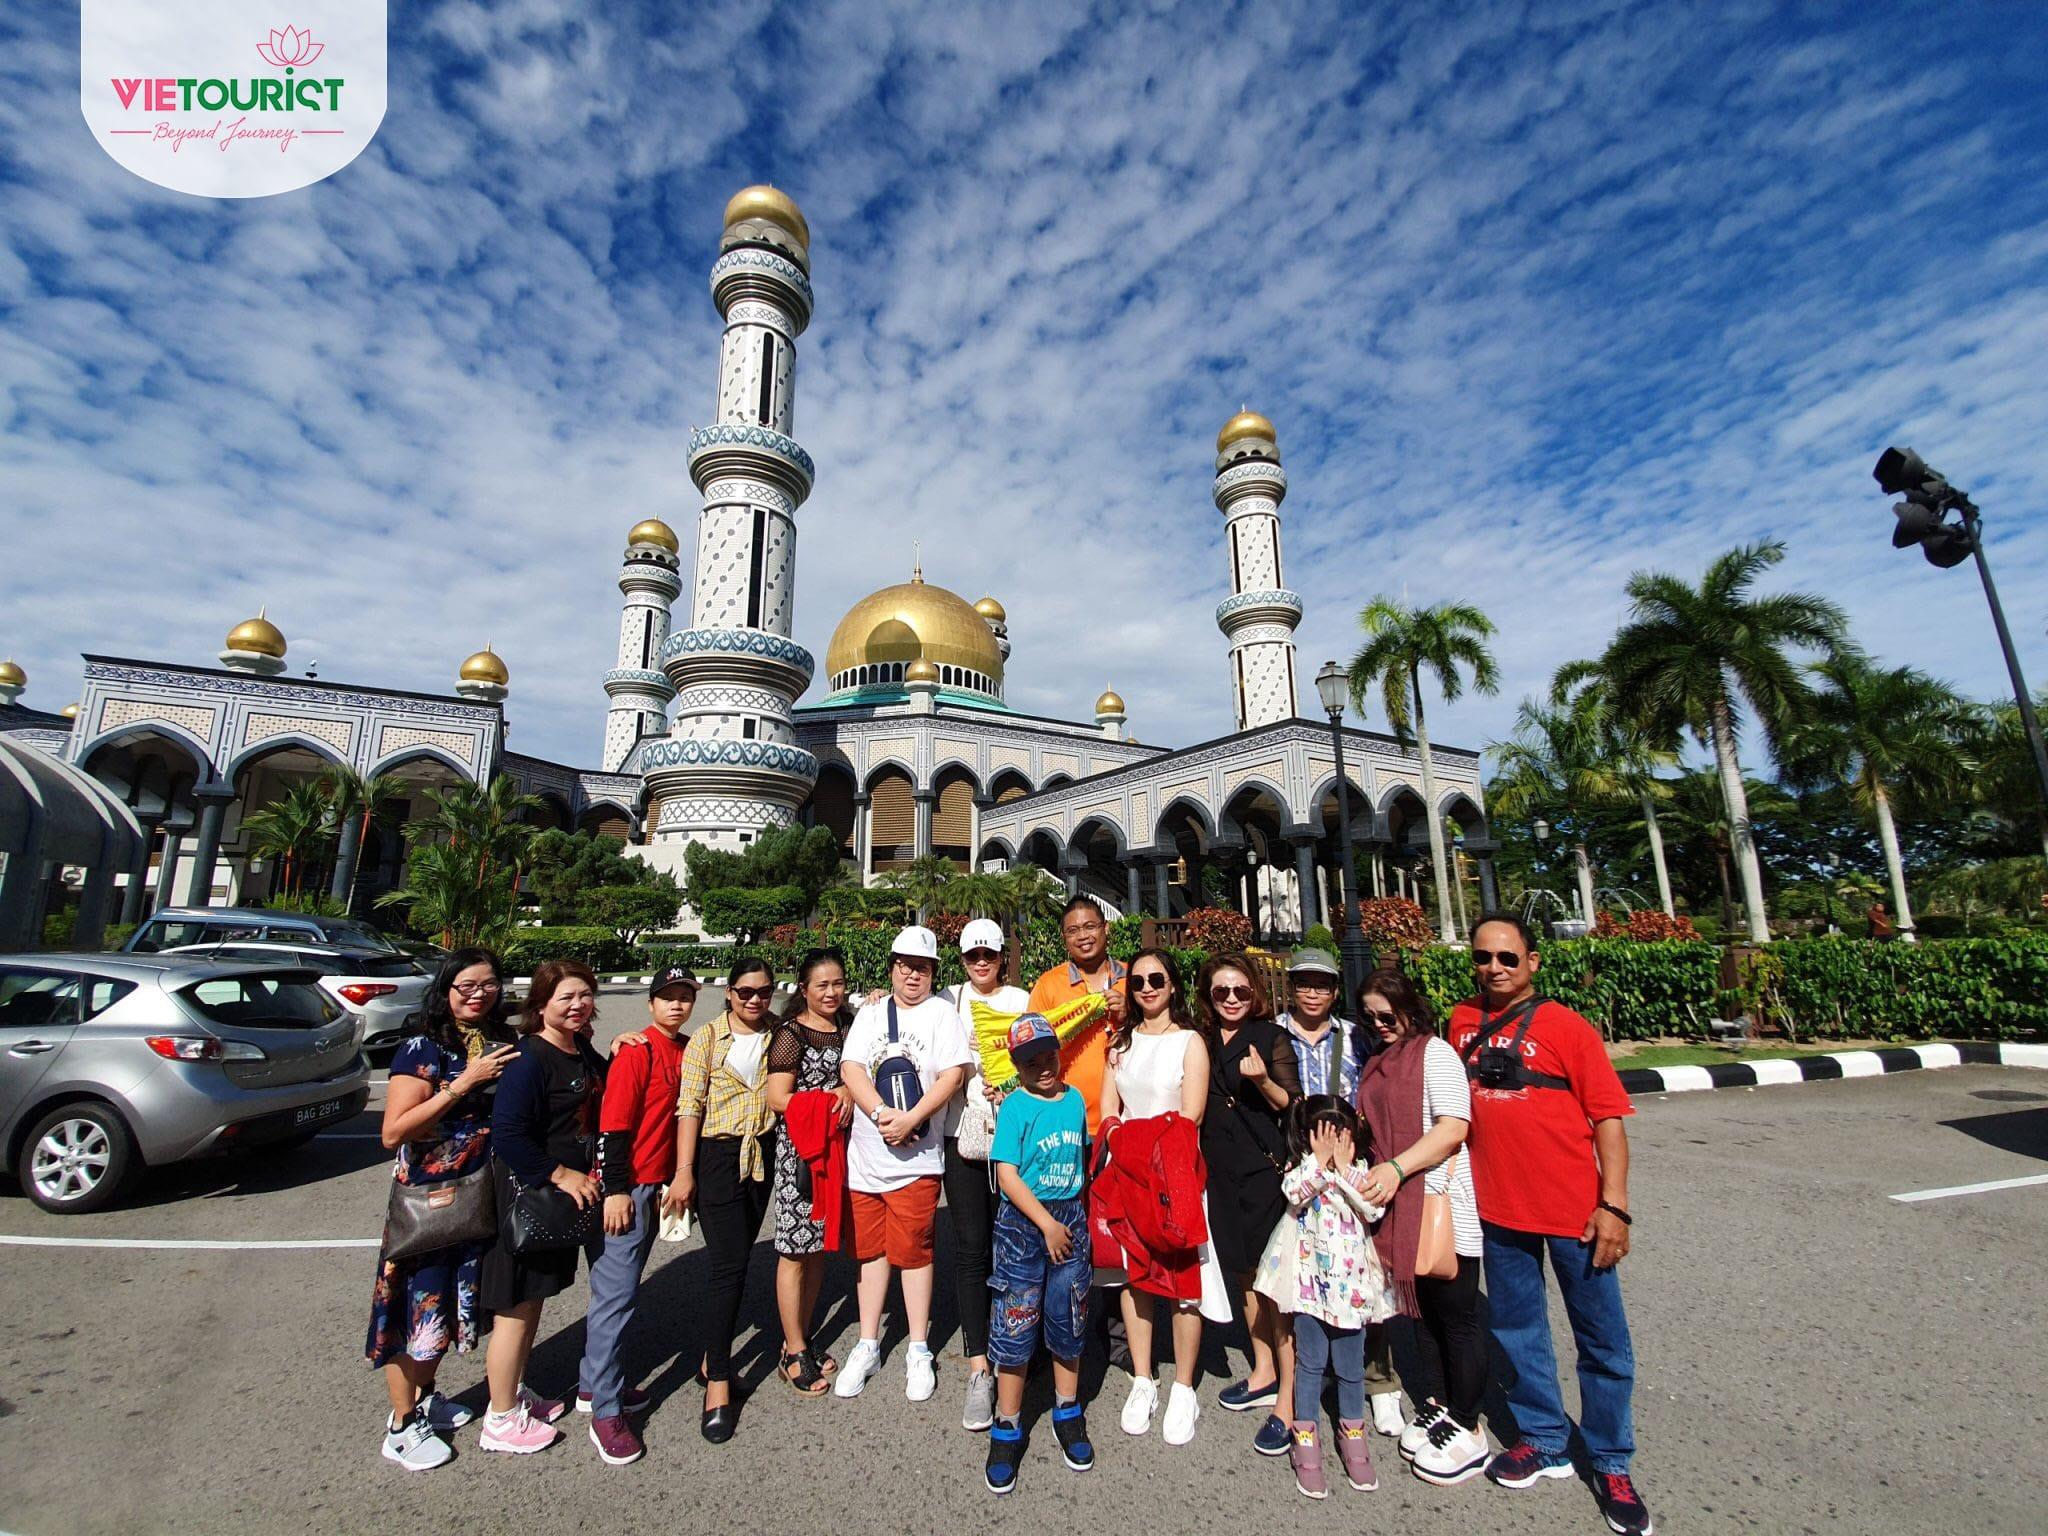 Khách hàng tham gia tour Úc Brunei của Vietourist